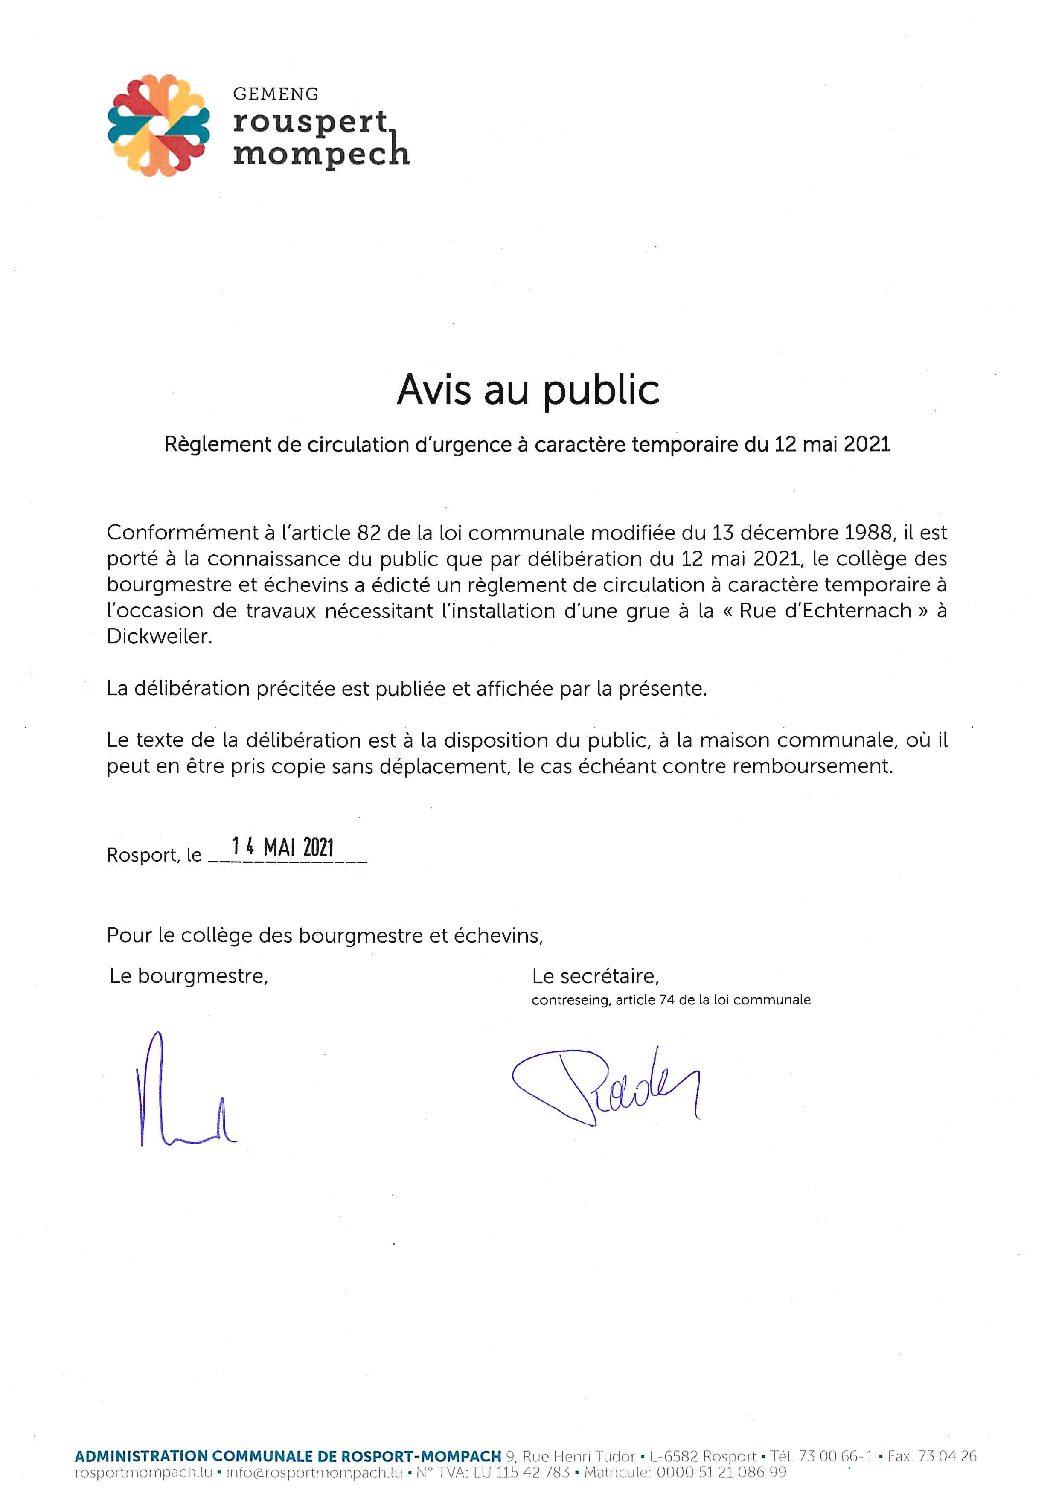 010-2021 Règlement de circulation CE - AVIS DE PUBLICATION